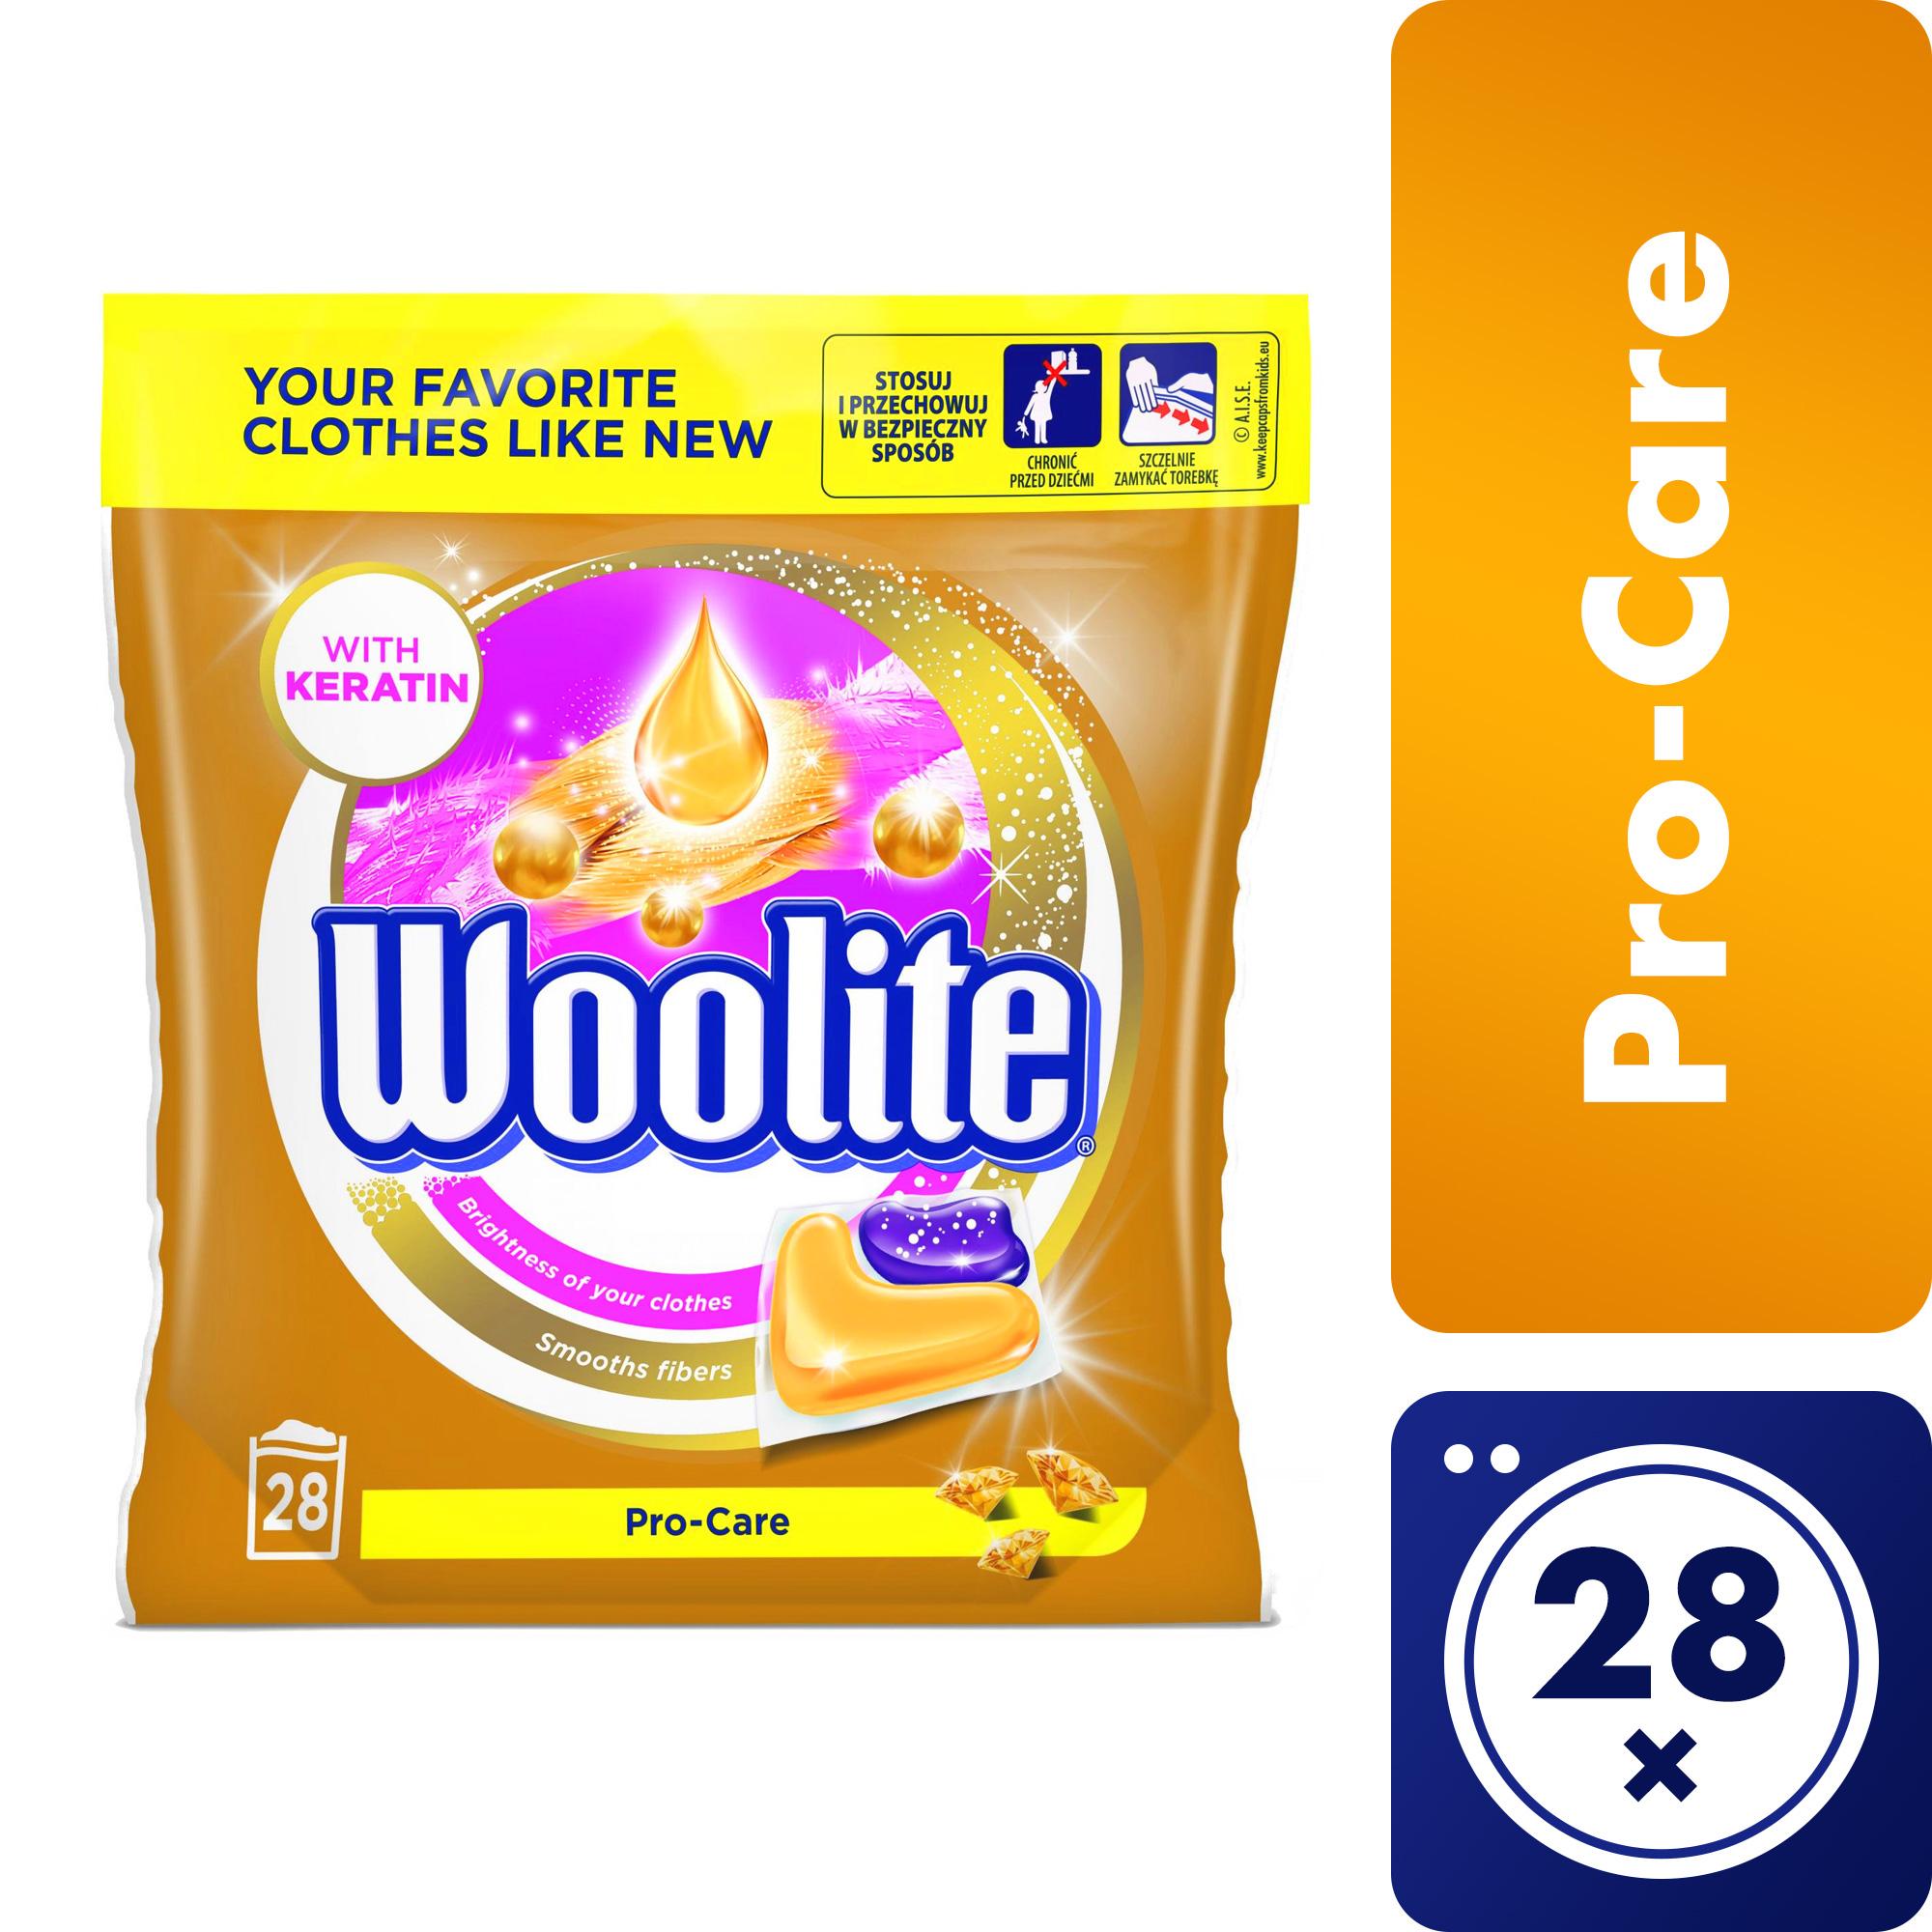 Woolite Pro-Care kapsle, 28 praní 28 ks